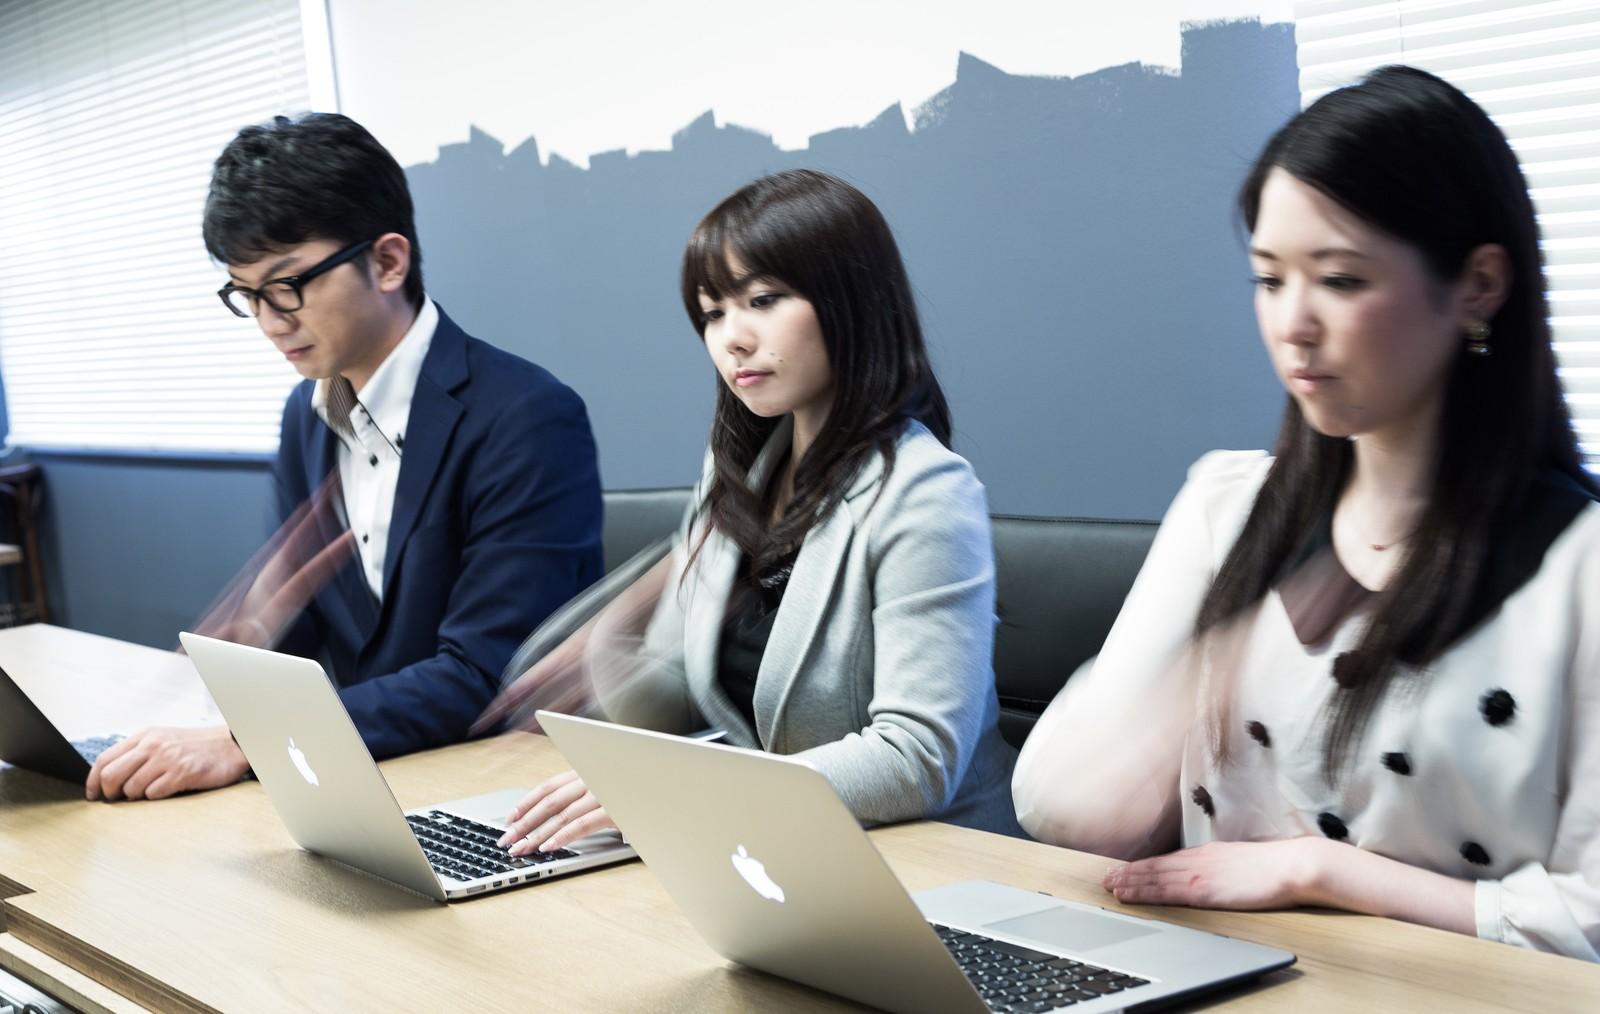 業界研究→企業研究の順で転職先を探す